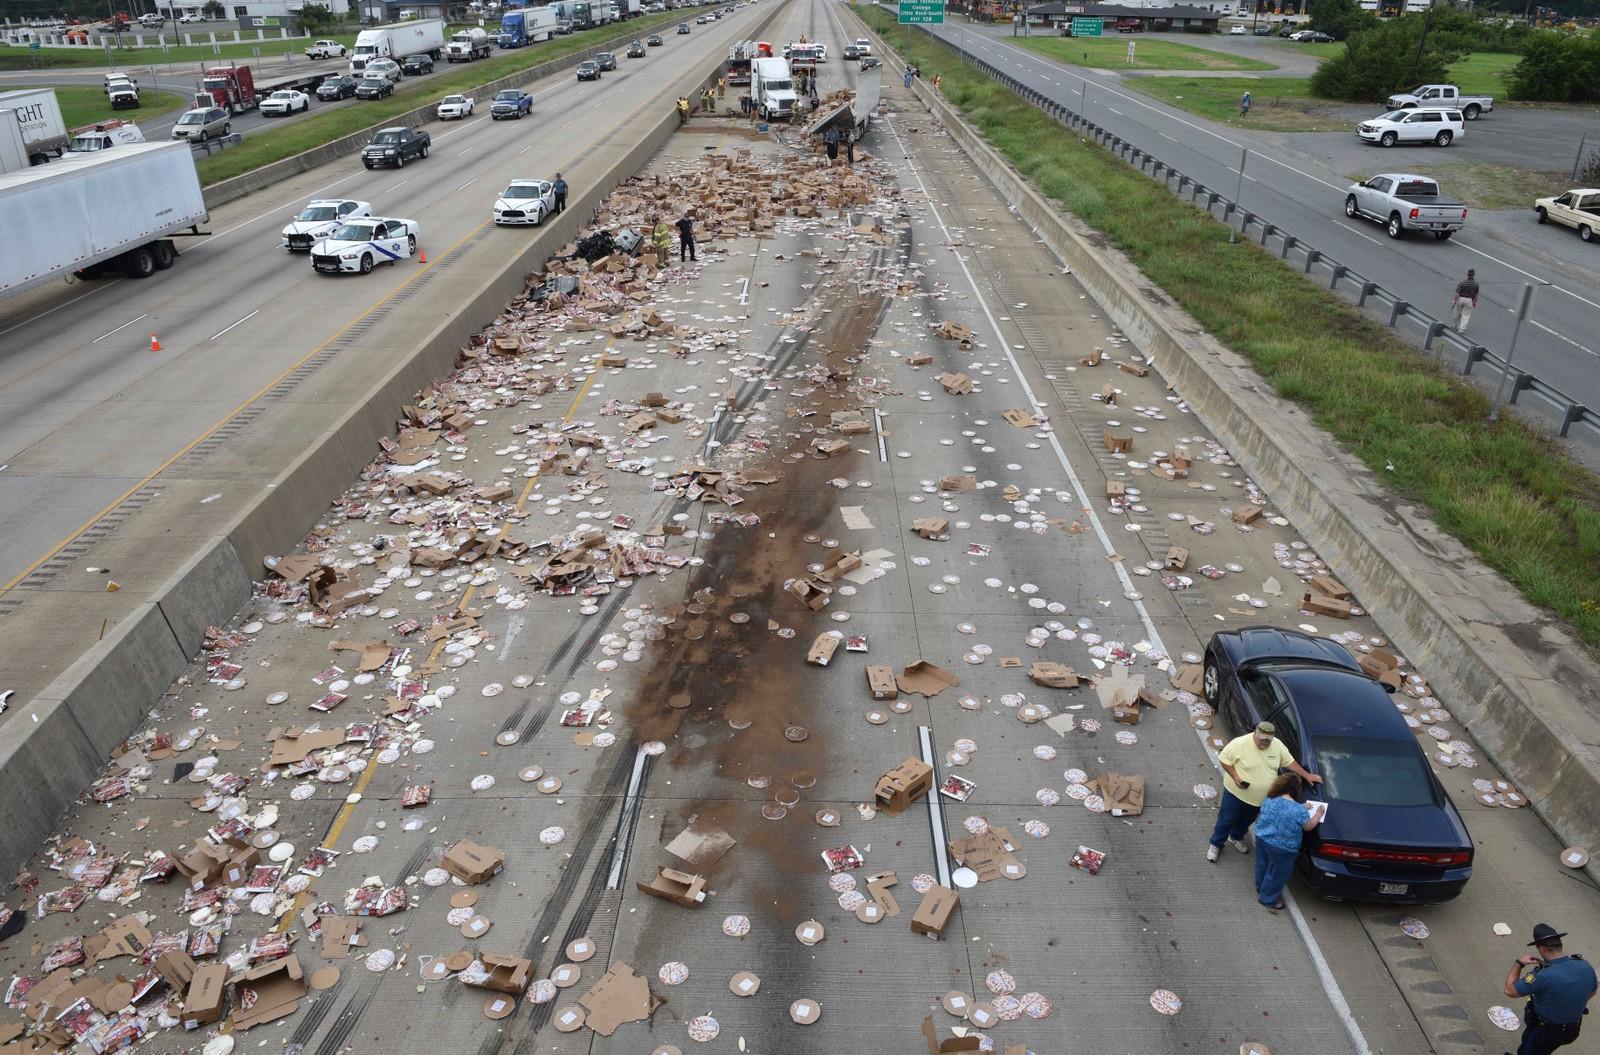 Blir det pizza til middag? Onsdag ble motorveien Interstate 30 i den amerikanske delstaten Arkansas stengt i begge retninger i flere timer etter at et vogntog lastet med frossenpizzaer var involvert i en krasj og lasten ble spredd utover veien like sør for Little Rock.